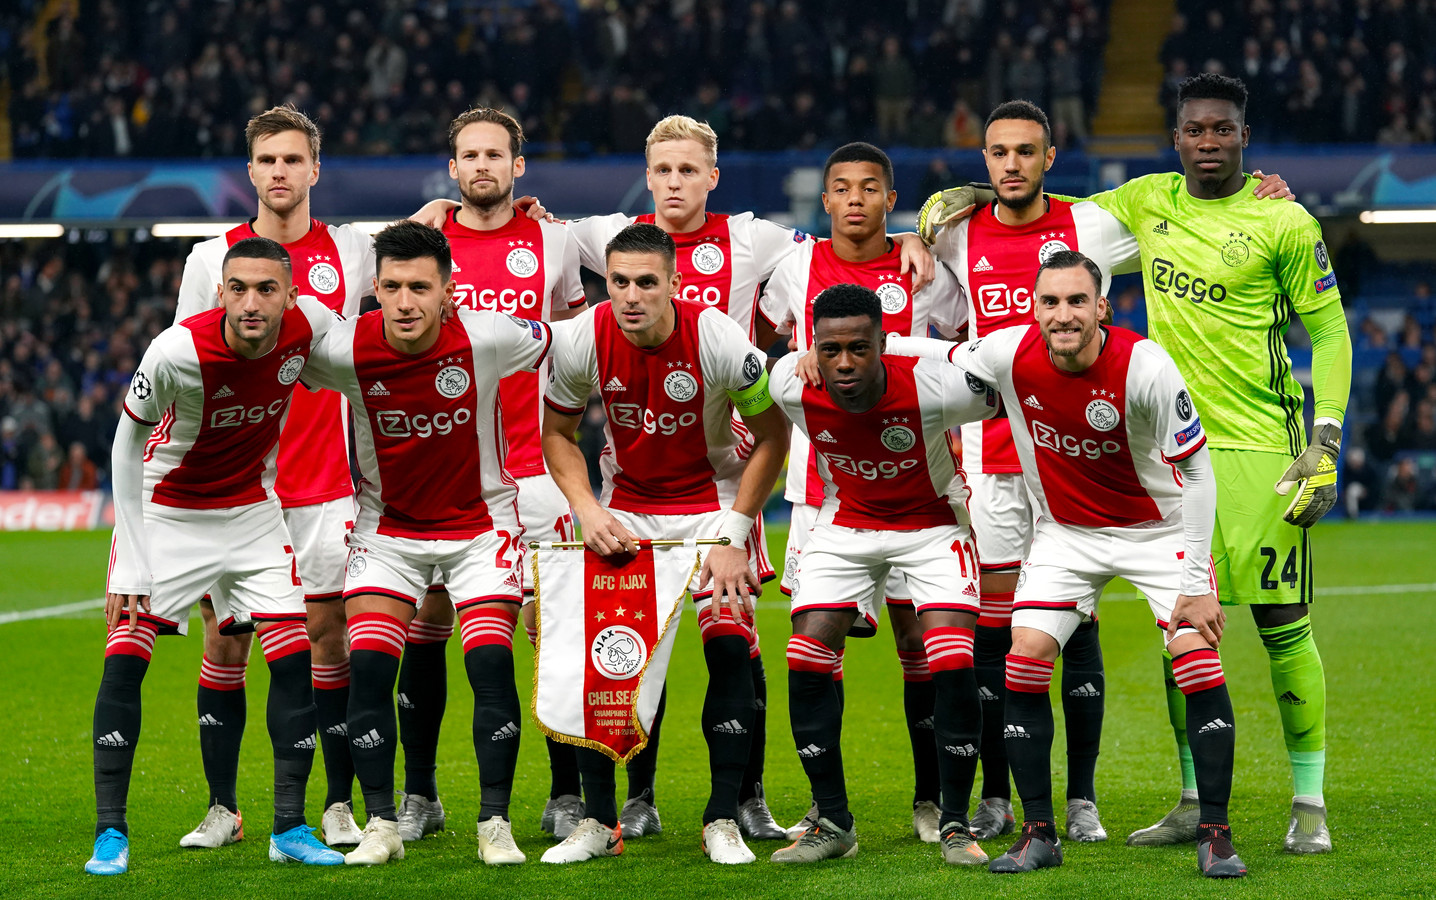 De Ajax-formatie voor aanvang van de nu al legendarische ontmoeting met Chelsea op Stamford Bridge.